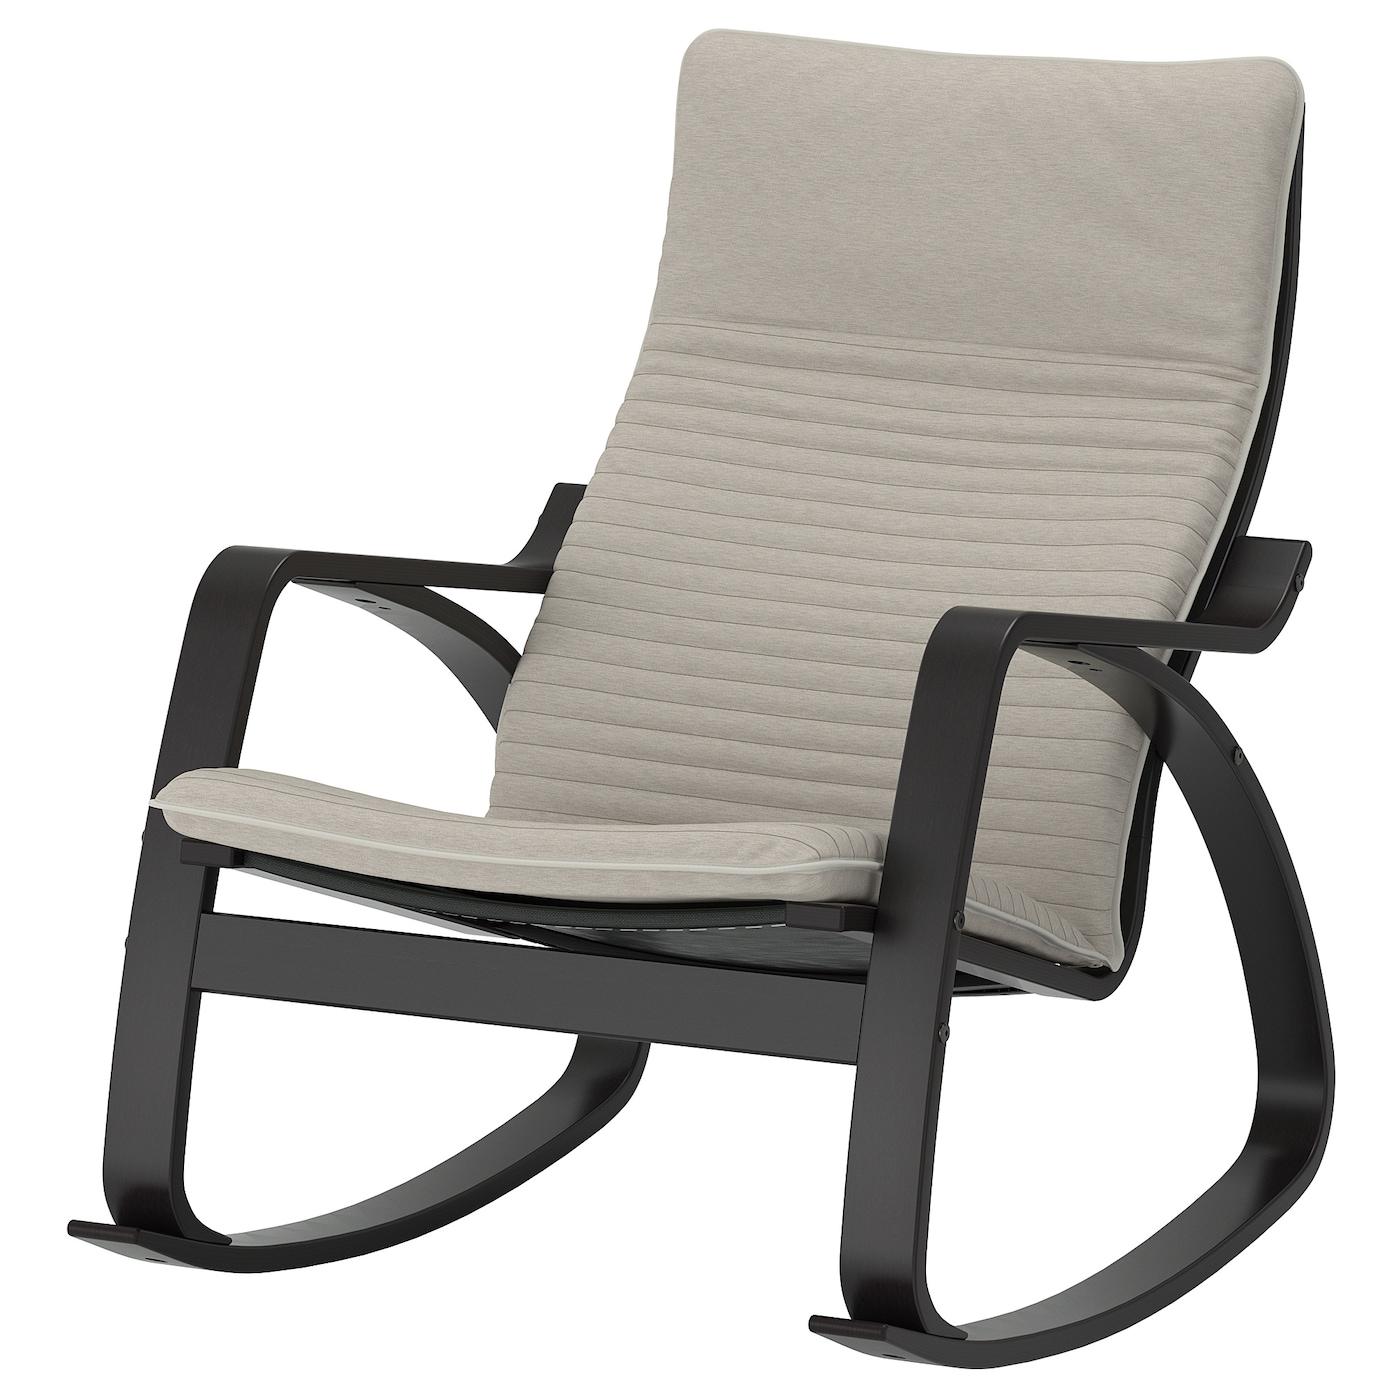 IKEA POÄNG Krzesło bujane, czarnybrąz, Knisa jasnobeżowy